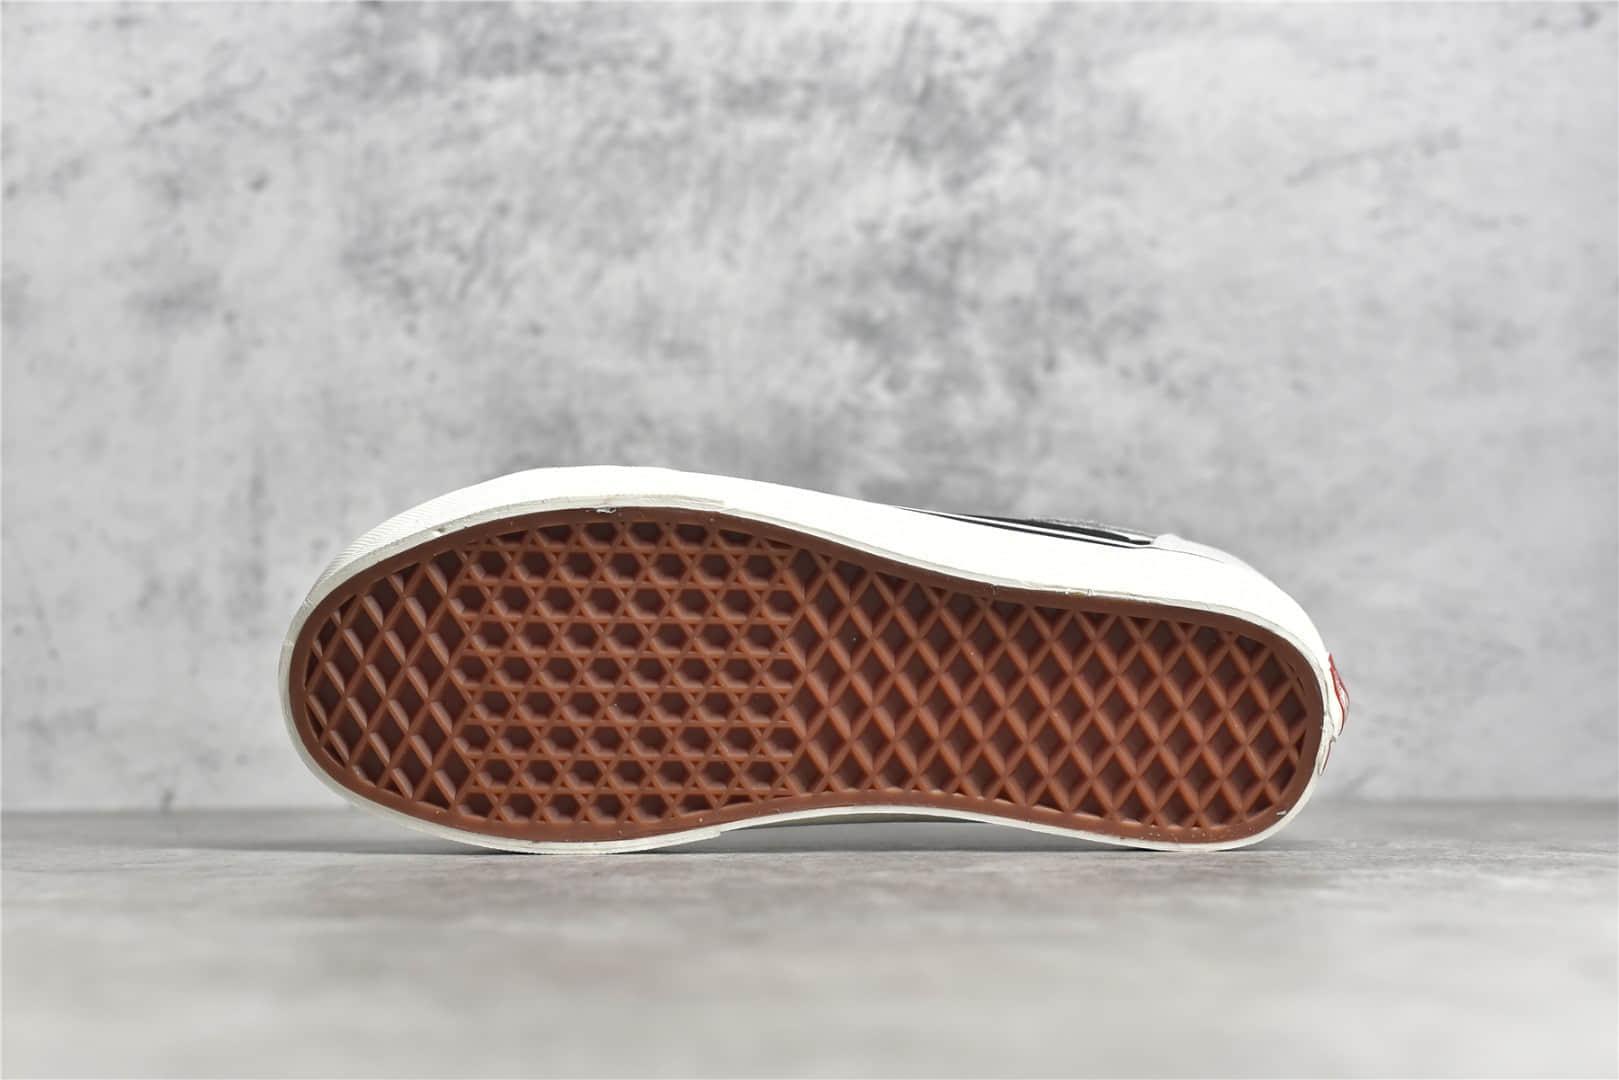 万斯黑白奶牛GD同款 Vans Style 36 Decon SF 万斯权志龙同款海外限定 万斯半月包头硫化低帮帆布鞋-潮流者之家